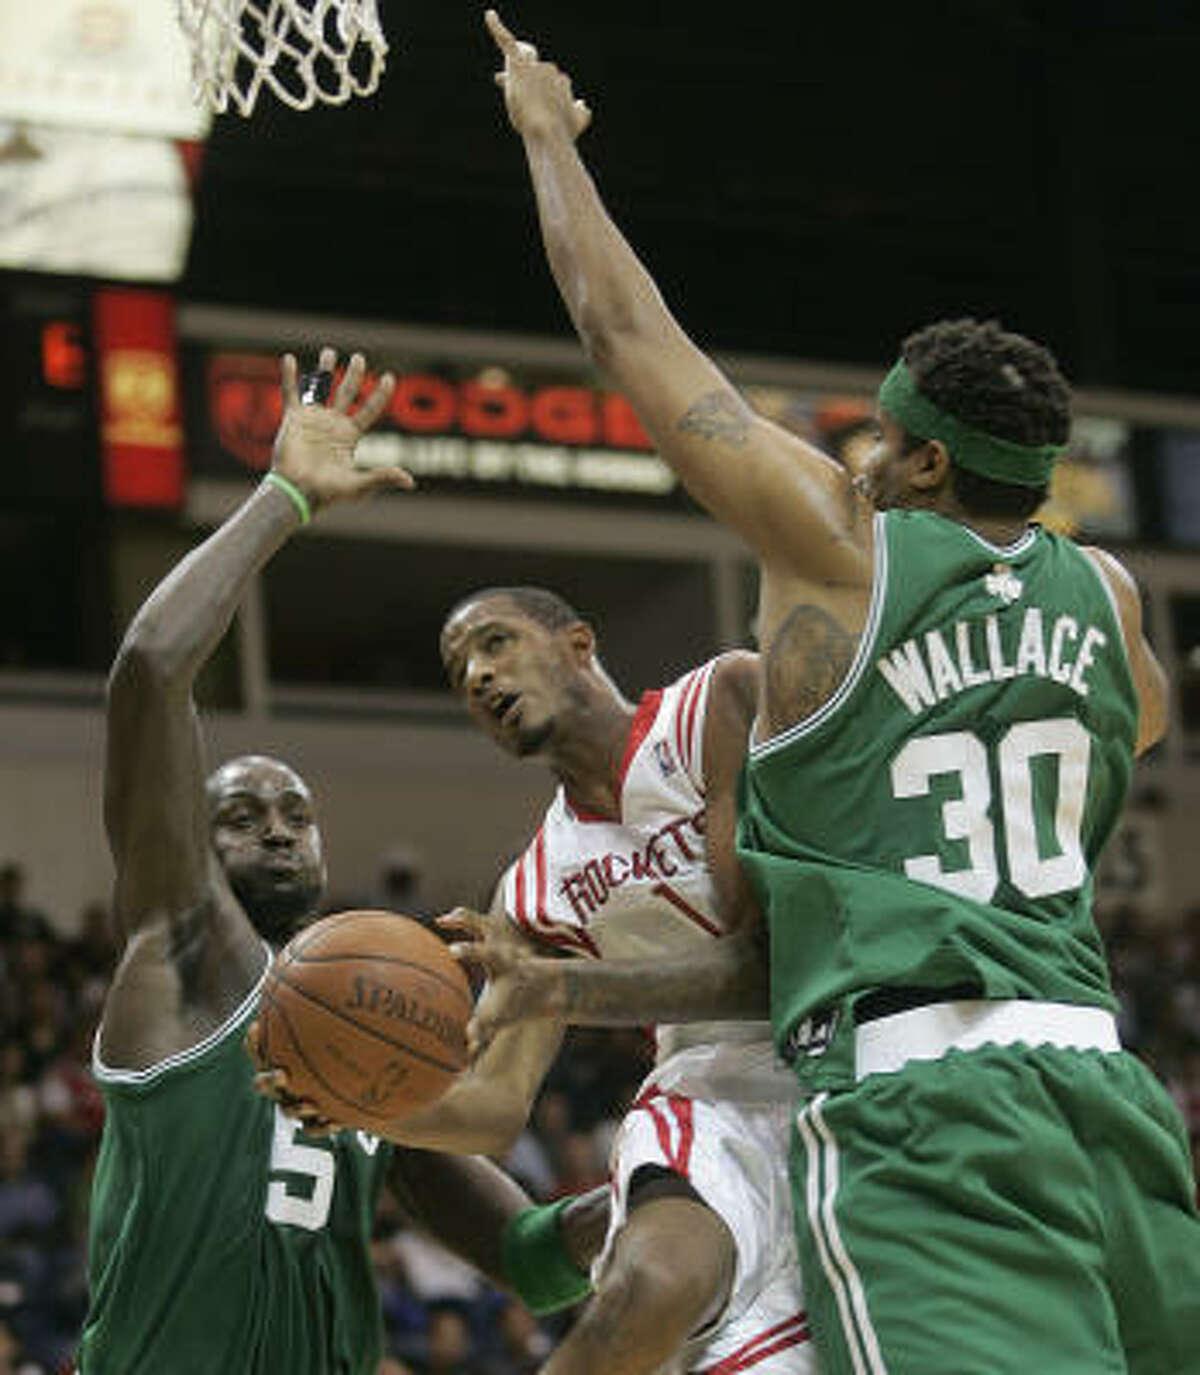 Celtics forwards Kevin Garnett (5) and Rasheed Wallace (30) defend Rockets forward Trevor Ariza. Ariza made one of his 11 shots.